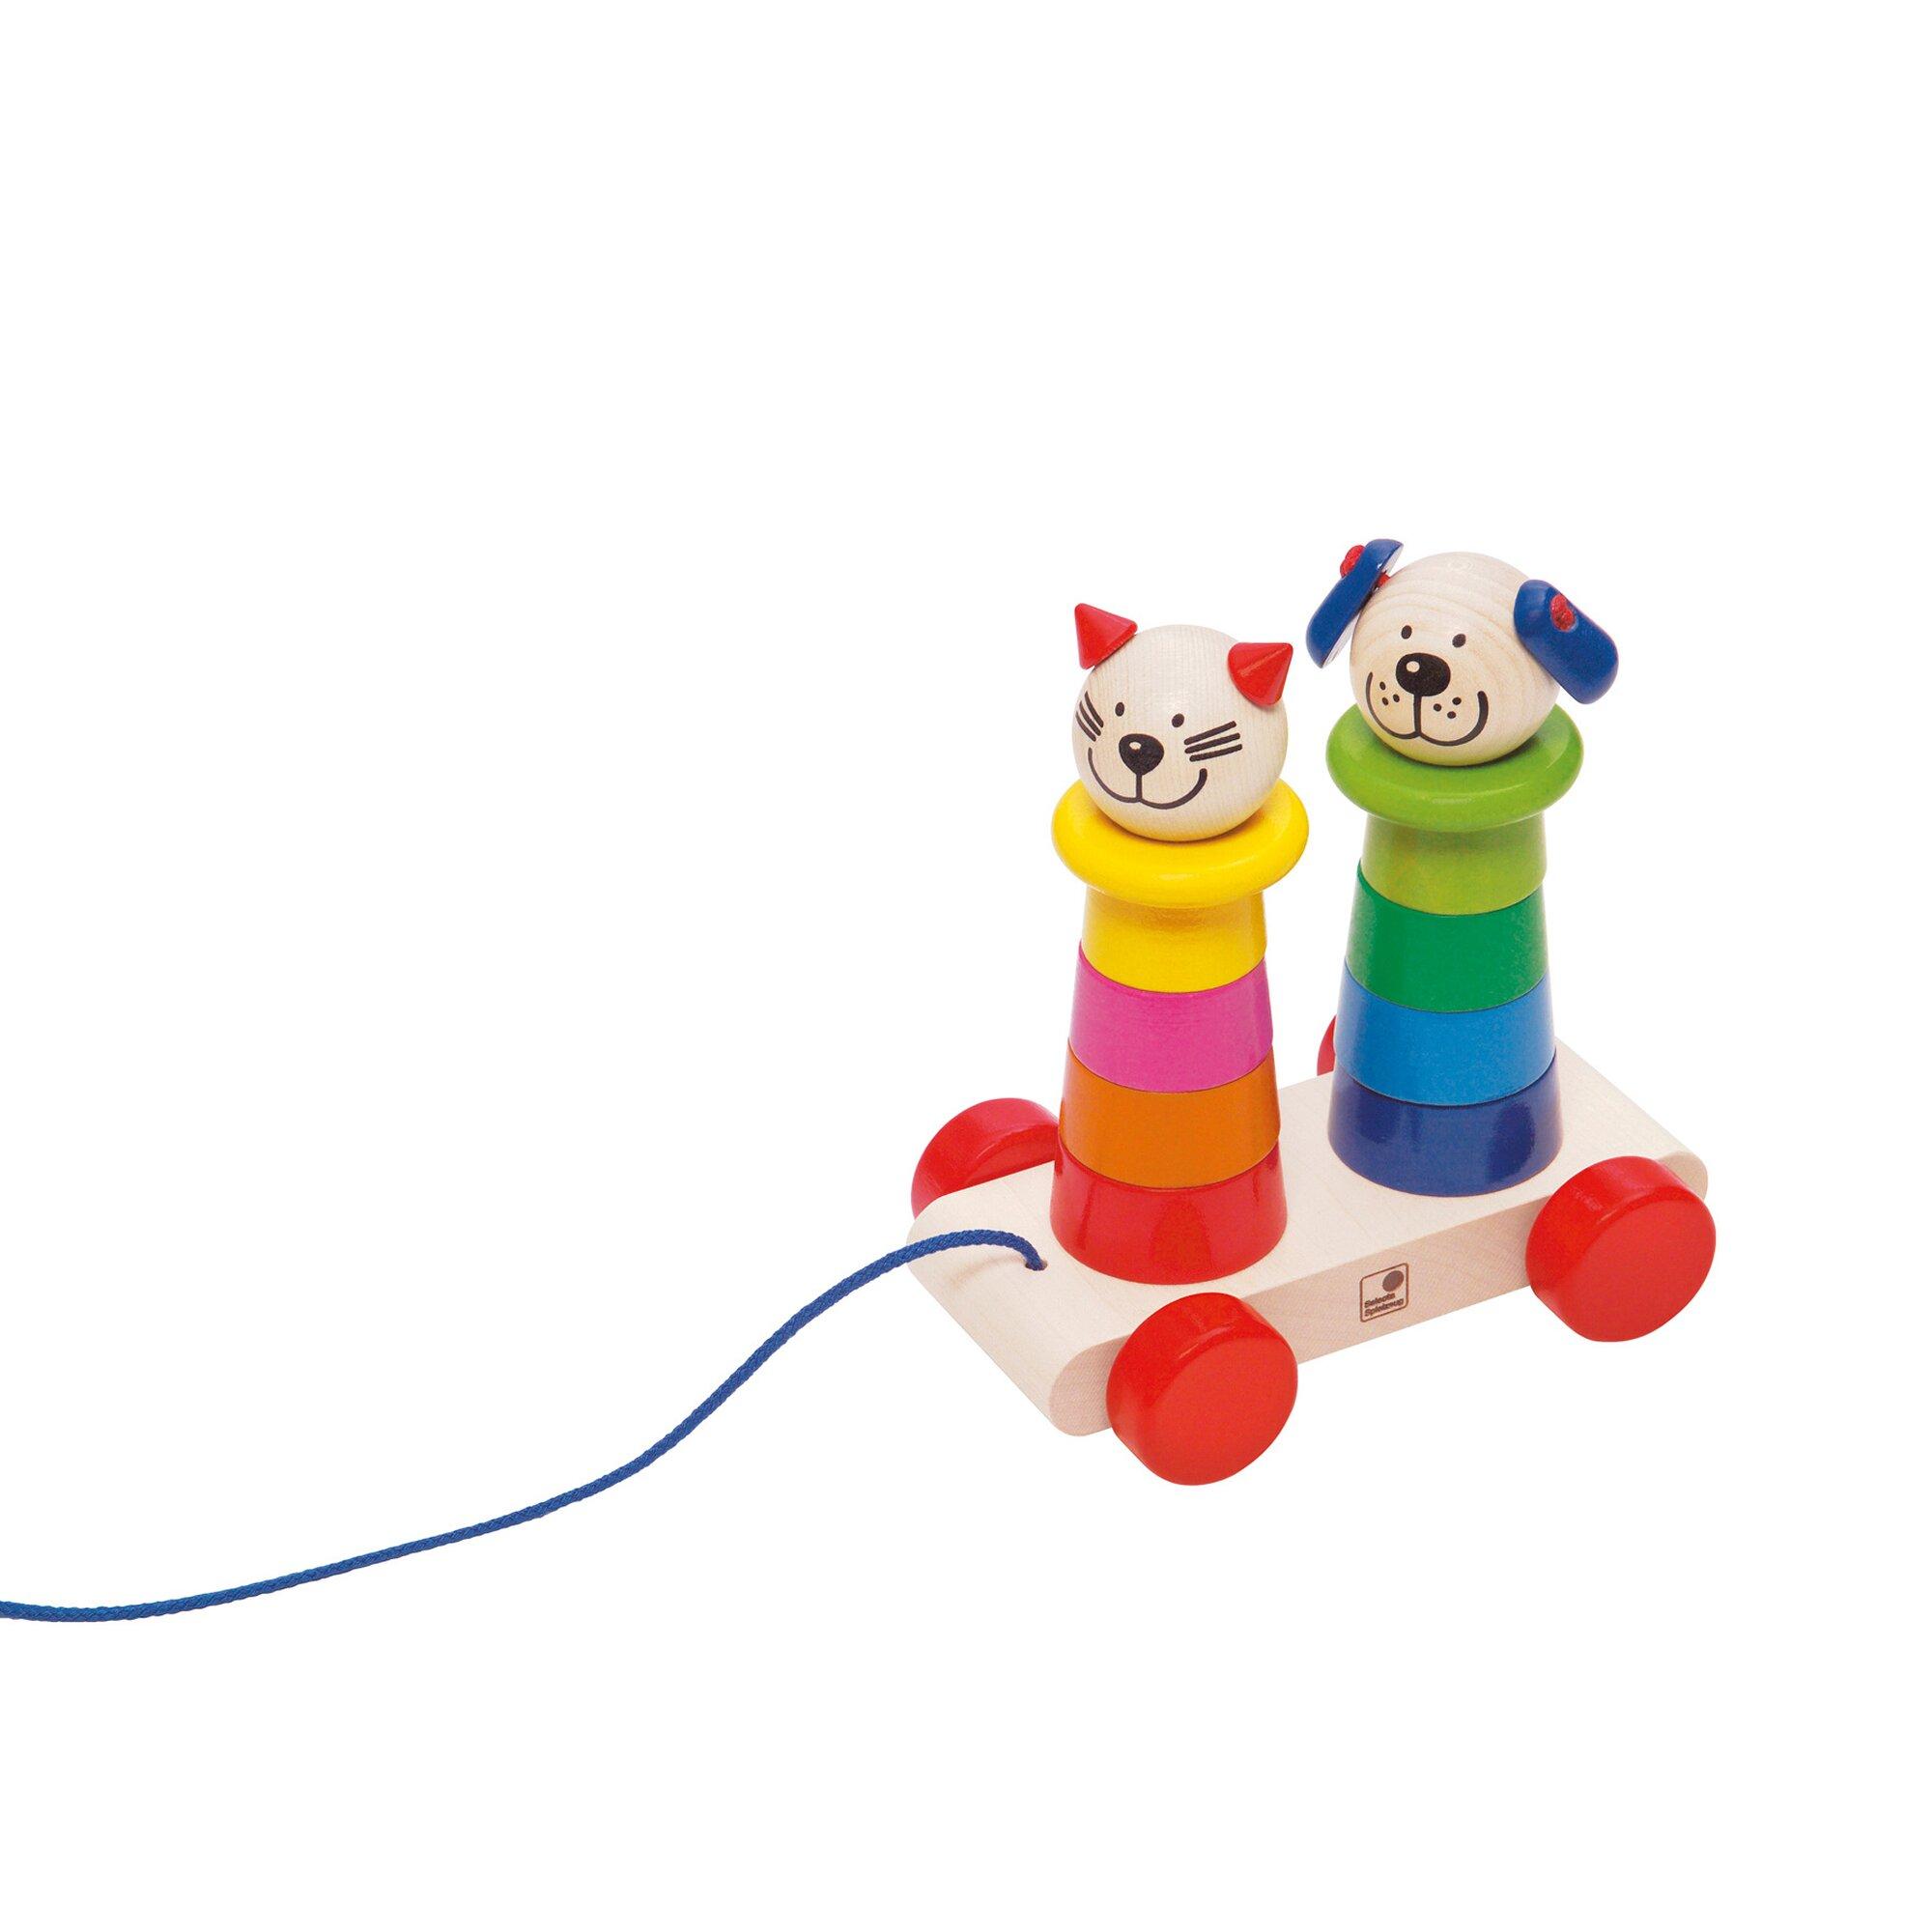 selecta-nachzieh-und-steckspielzeug-filino